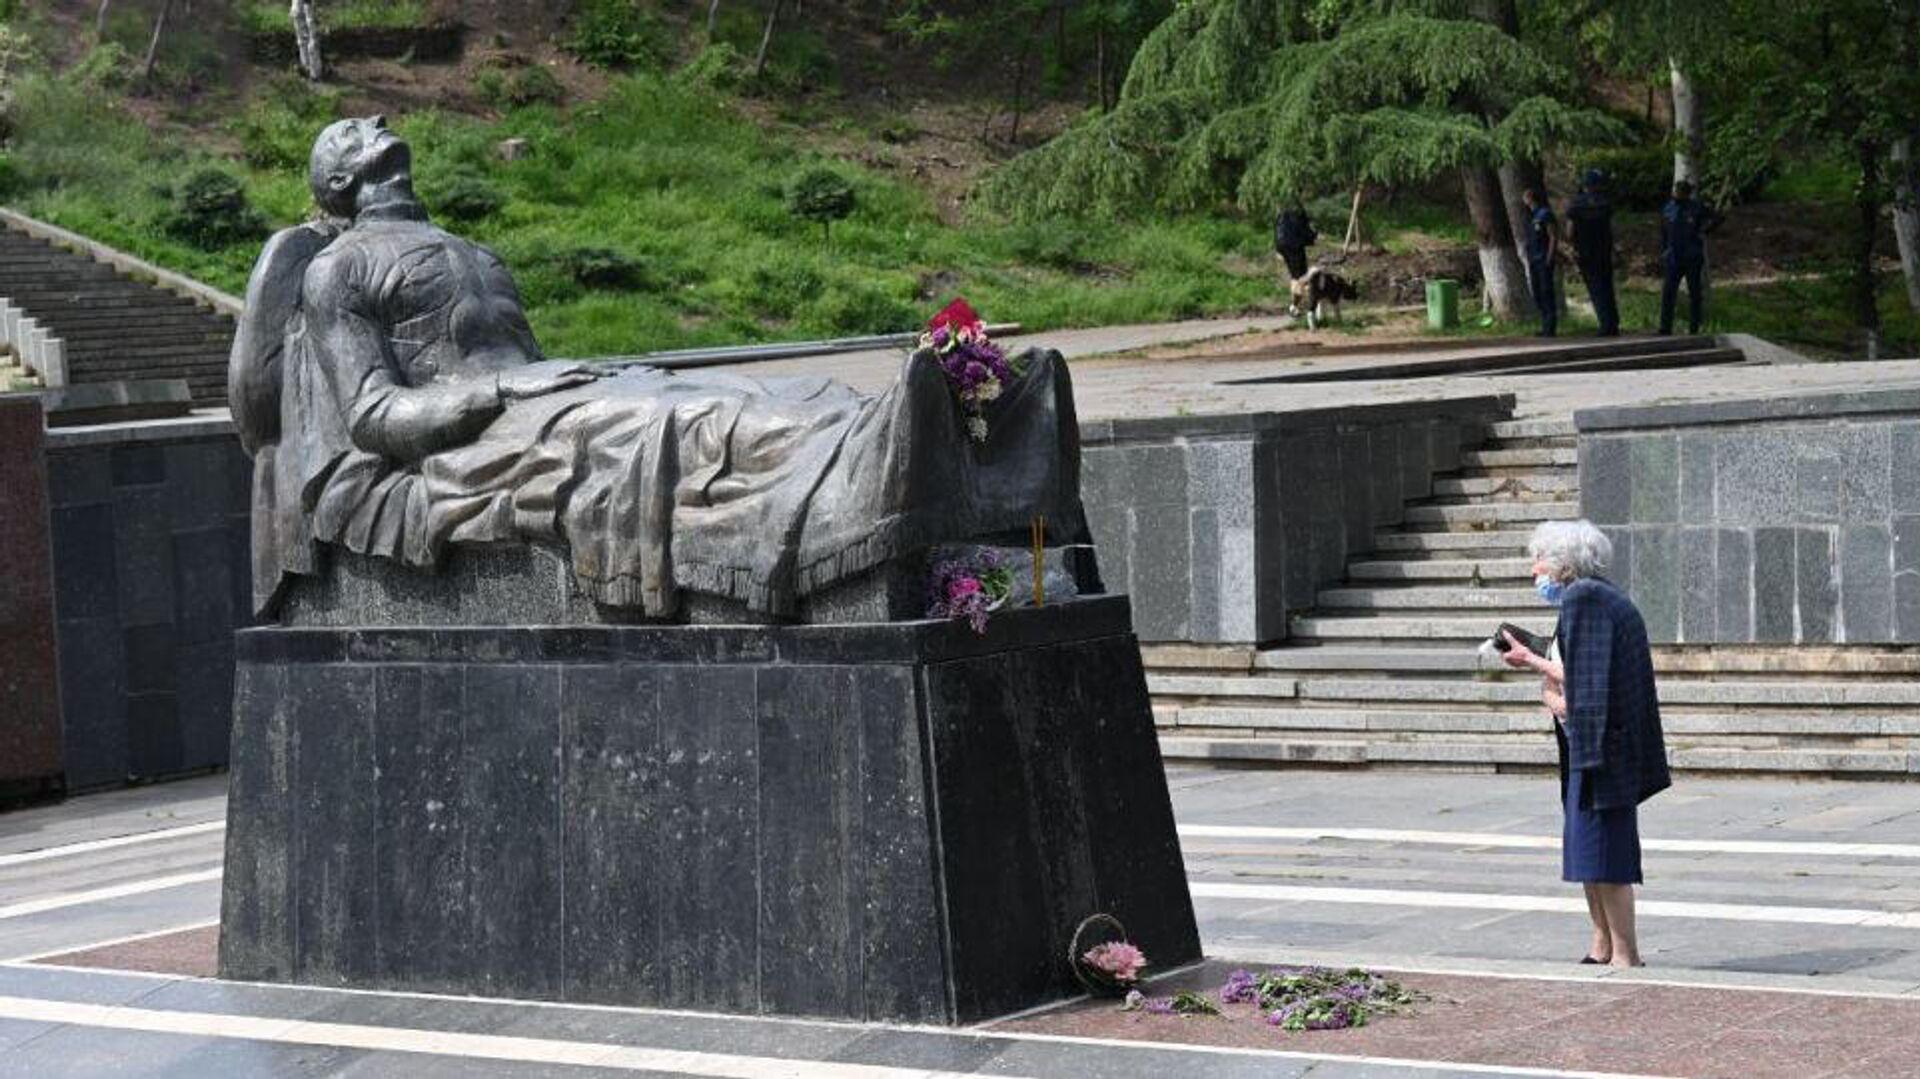 Могила Неизвестного солдата в парке Ваке в Тбилиси, Грузия. 9 мая 2021 - РИА Новости, 1920, 09.05.2021